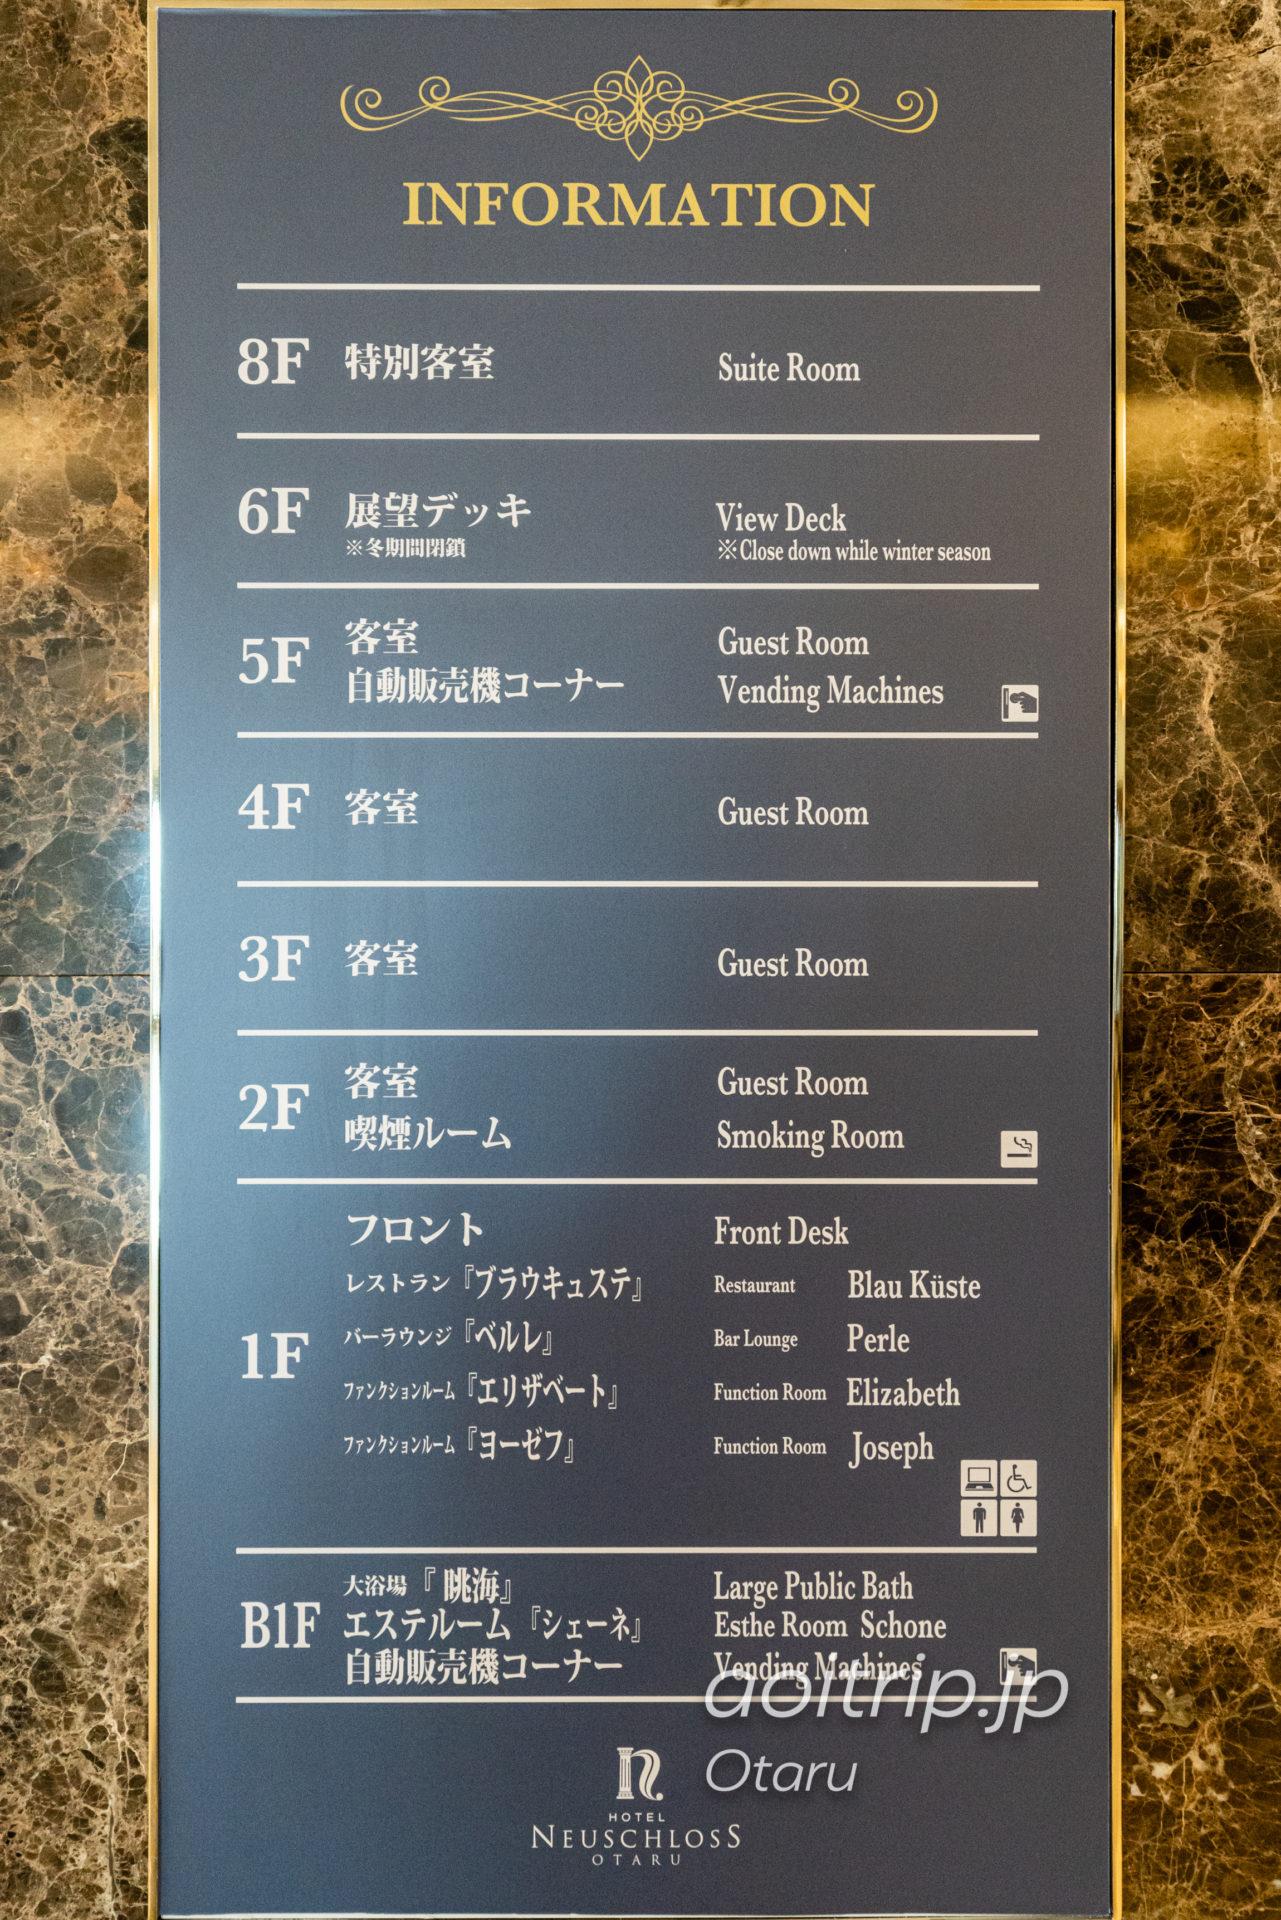 ホテルノイシュロス小樽のフロアマップ